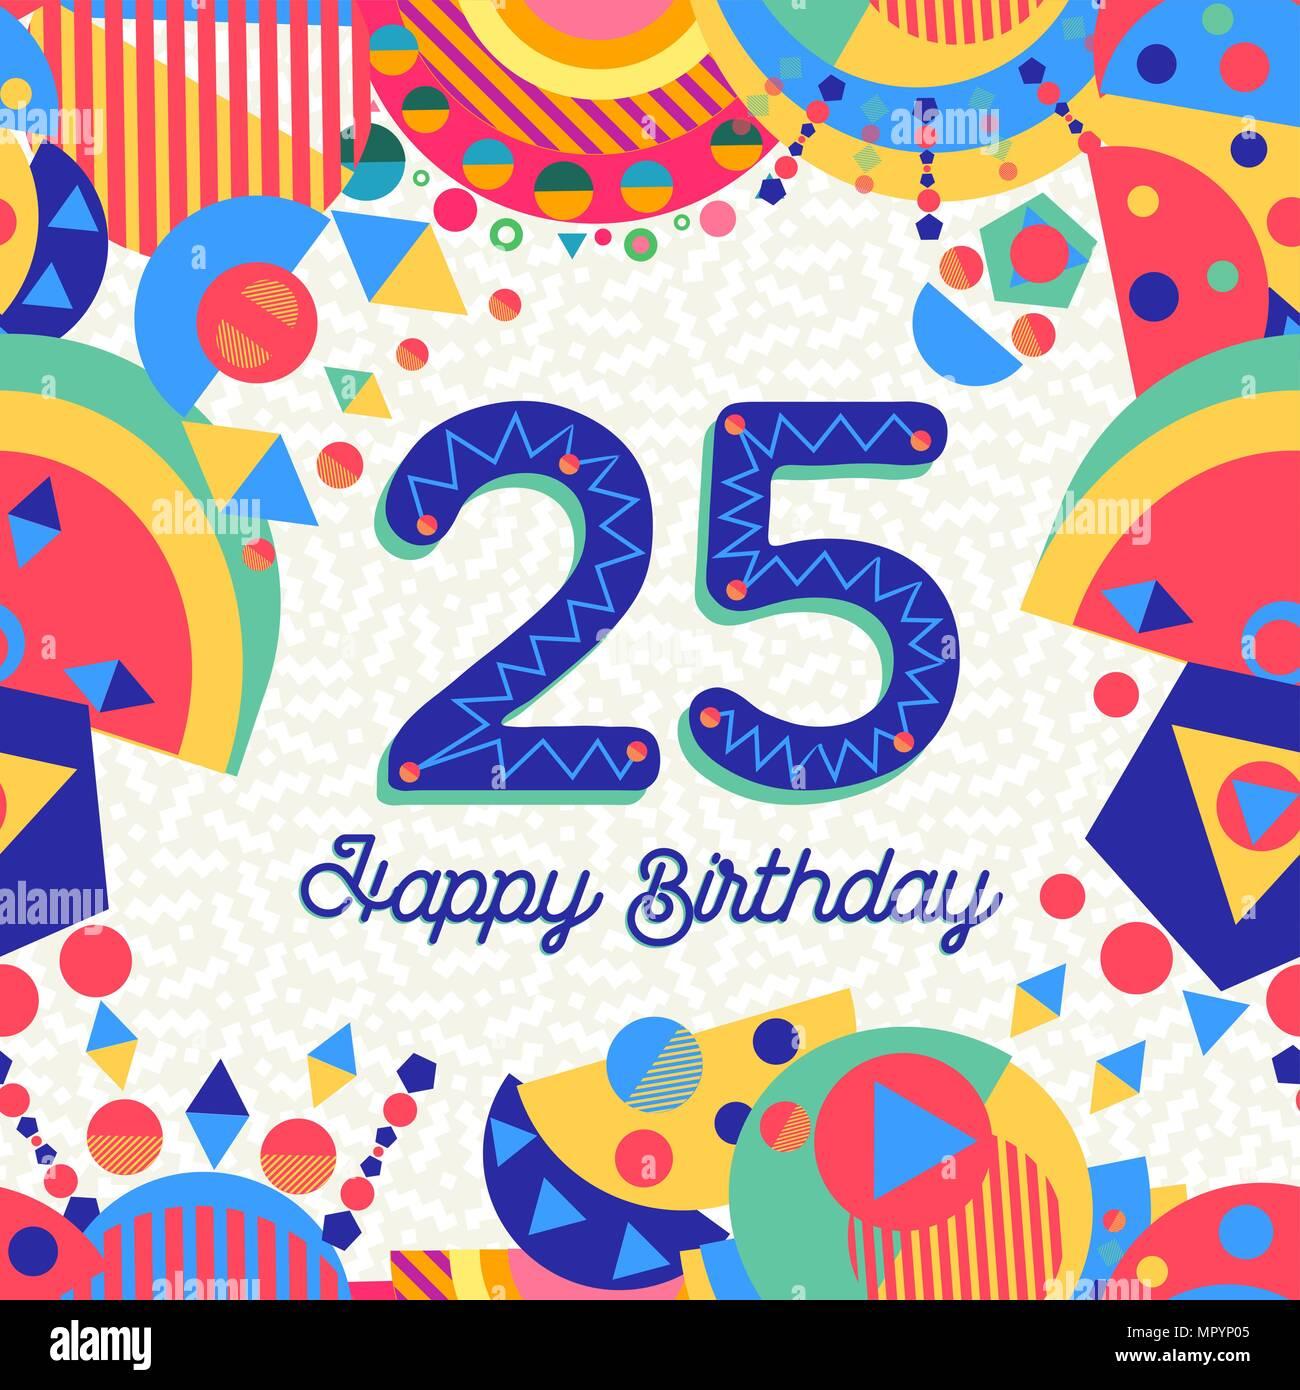 Happy Birthday 25 25 Jahre Spass Design Mit Nummer Beschriftung Und Farbenfroh Dekoriert Ideal Fur Party Einladung Oder Grusskarte Eps 10 Vect Stock Vektorgrafik Alamy